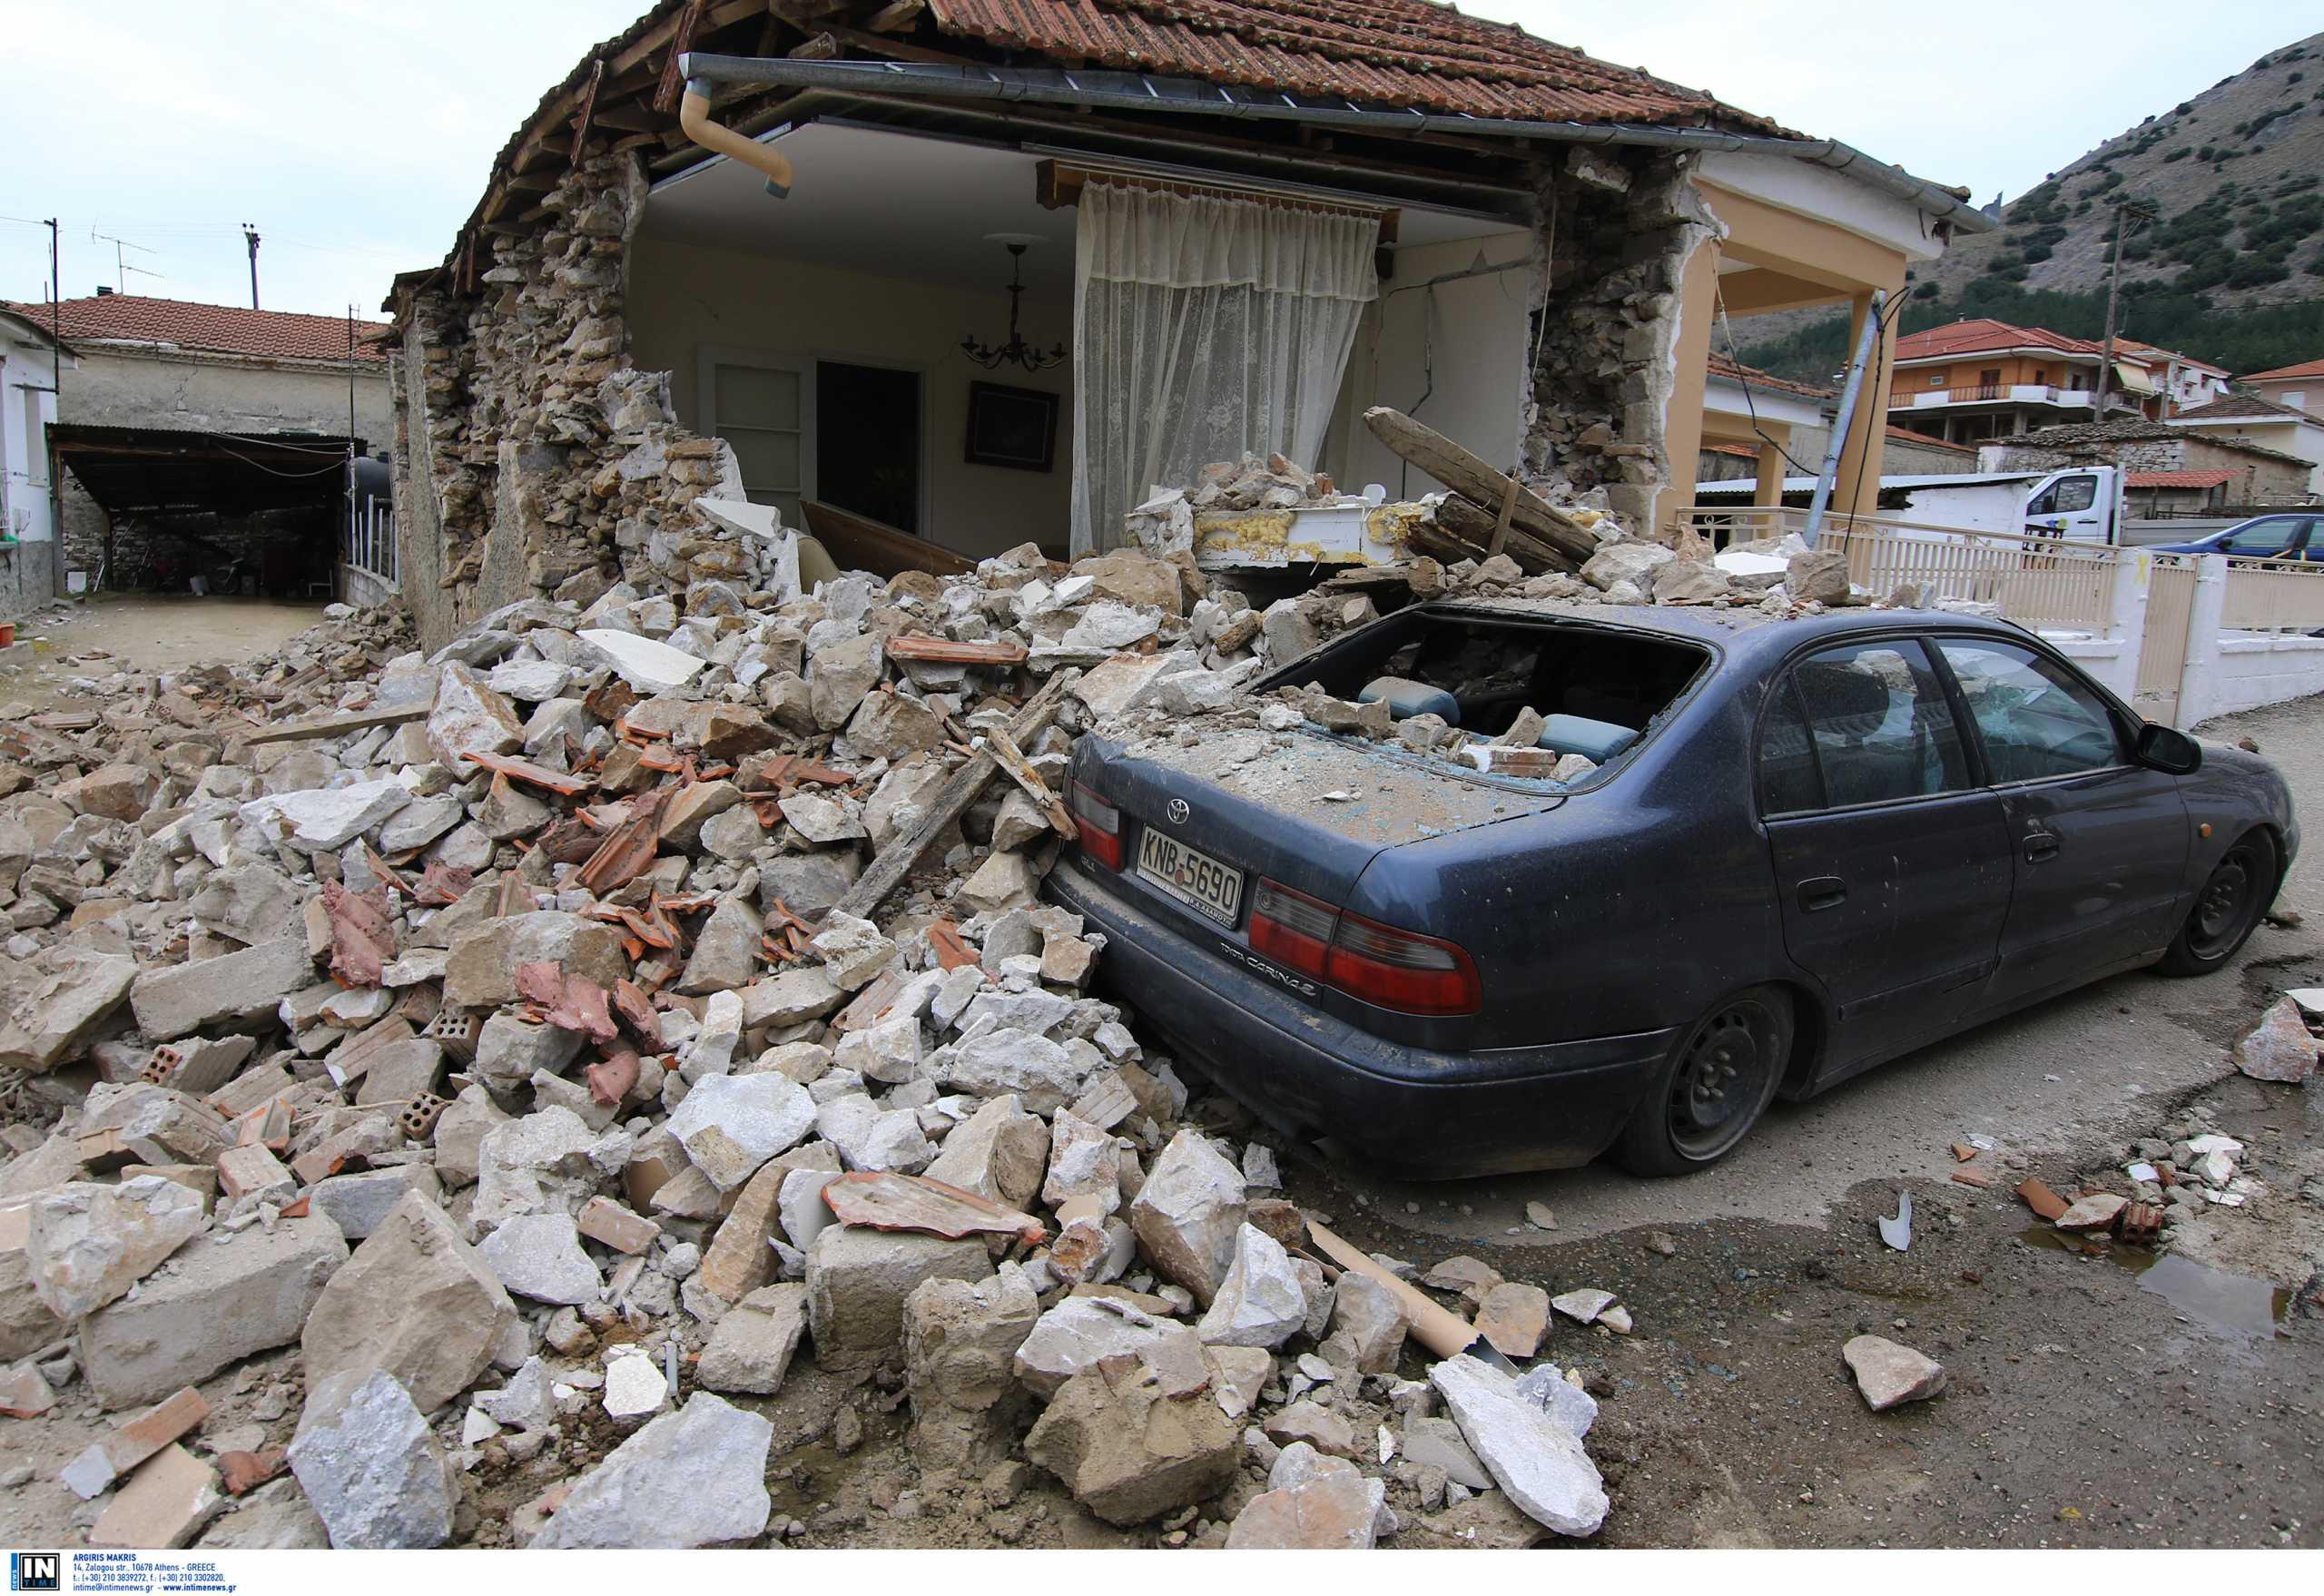 Σεισμός – Ελασσόνα: Στέλνουν δύο τόνους αλεύρι για τους σεισμόπληκτους κατοίκους που δοκιμάζονται